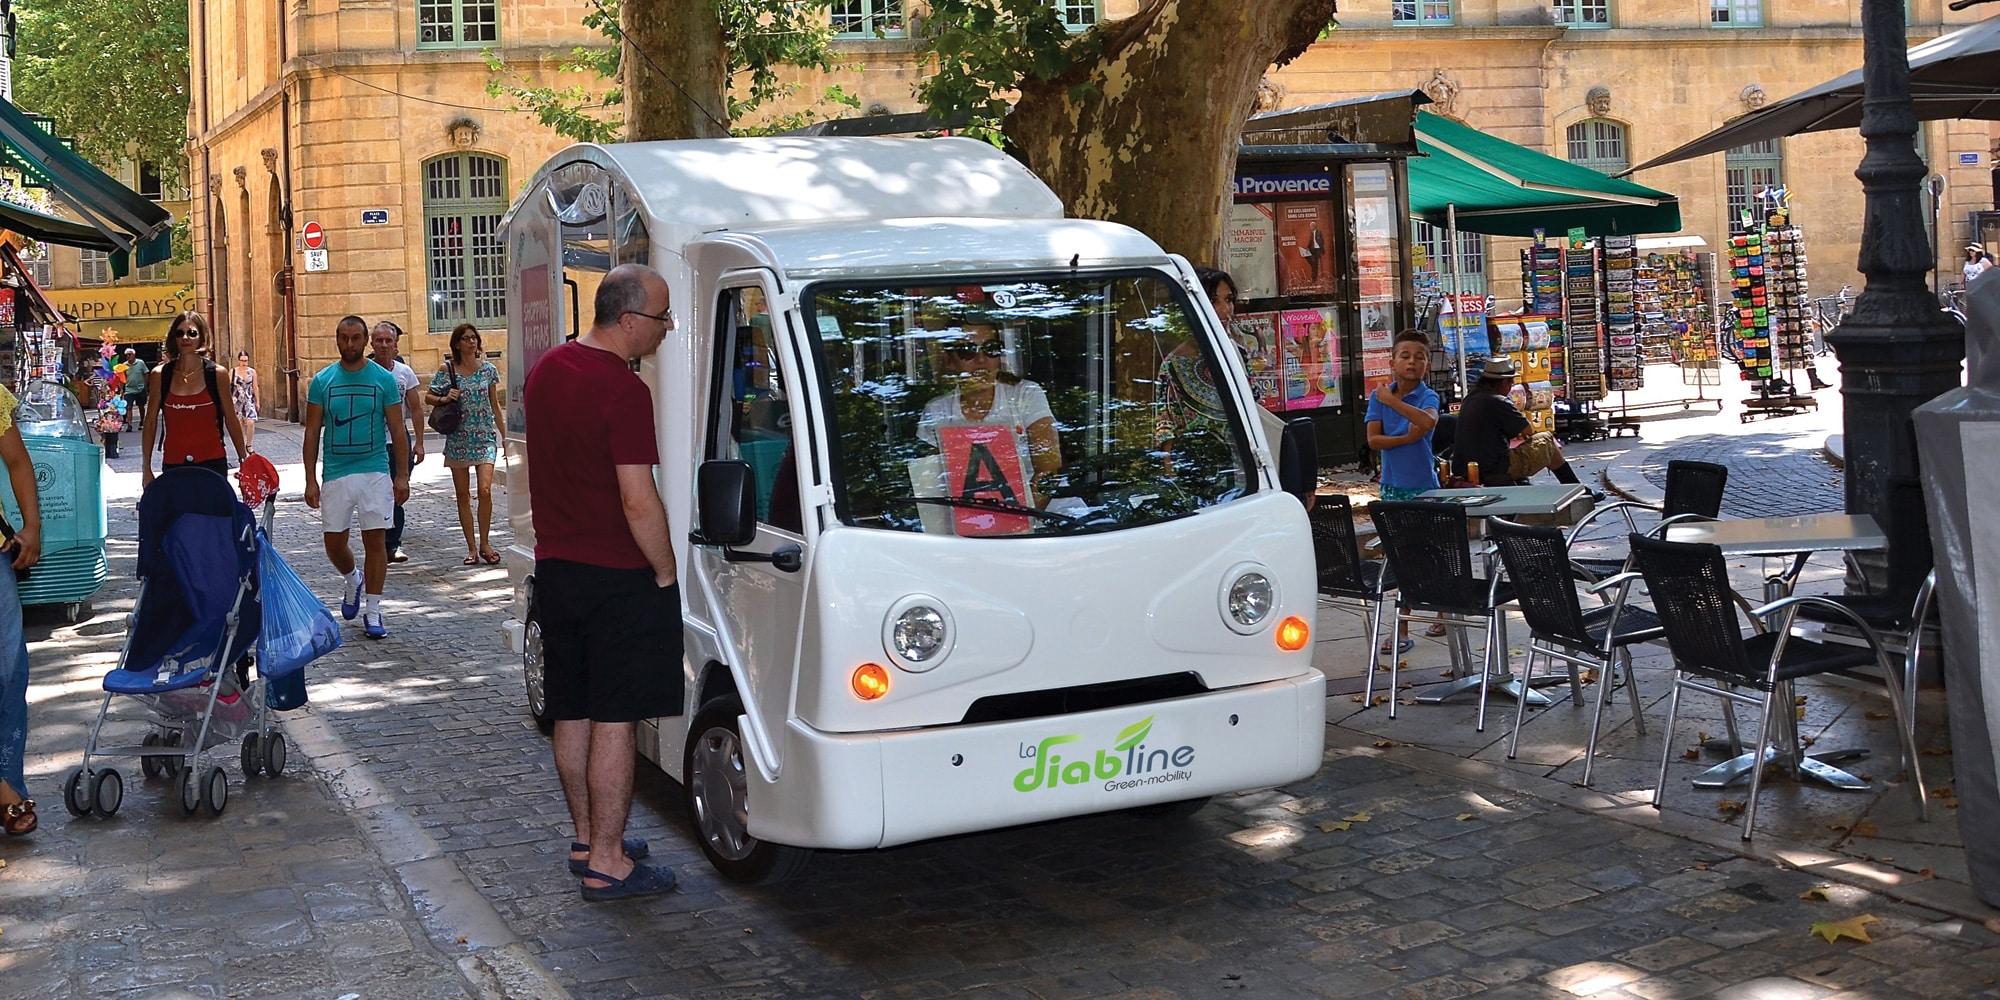 La diabline la navette lectrique du centre ville d 39 aix - Aix en provence salon de provence bus ...